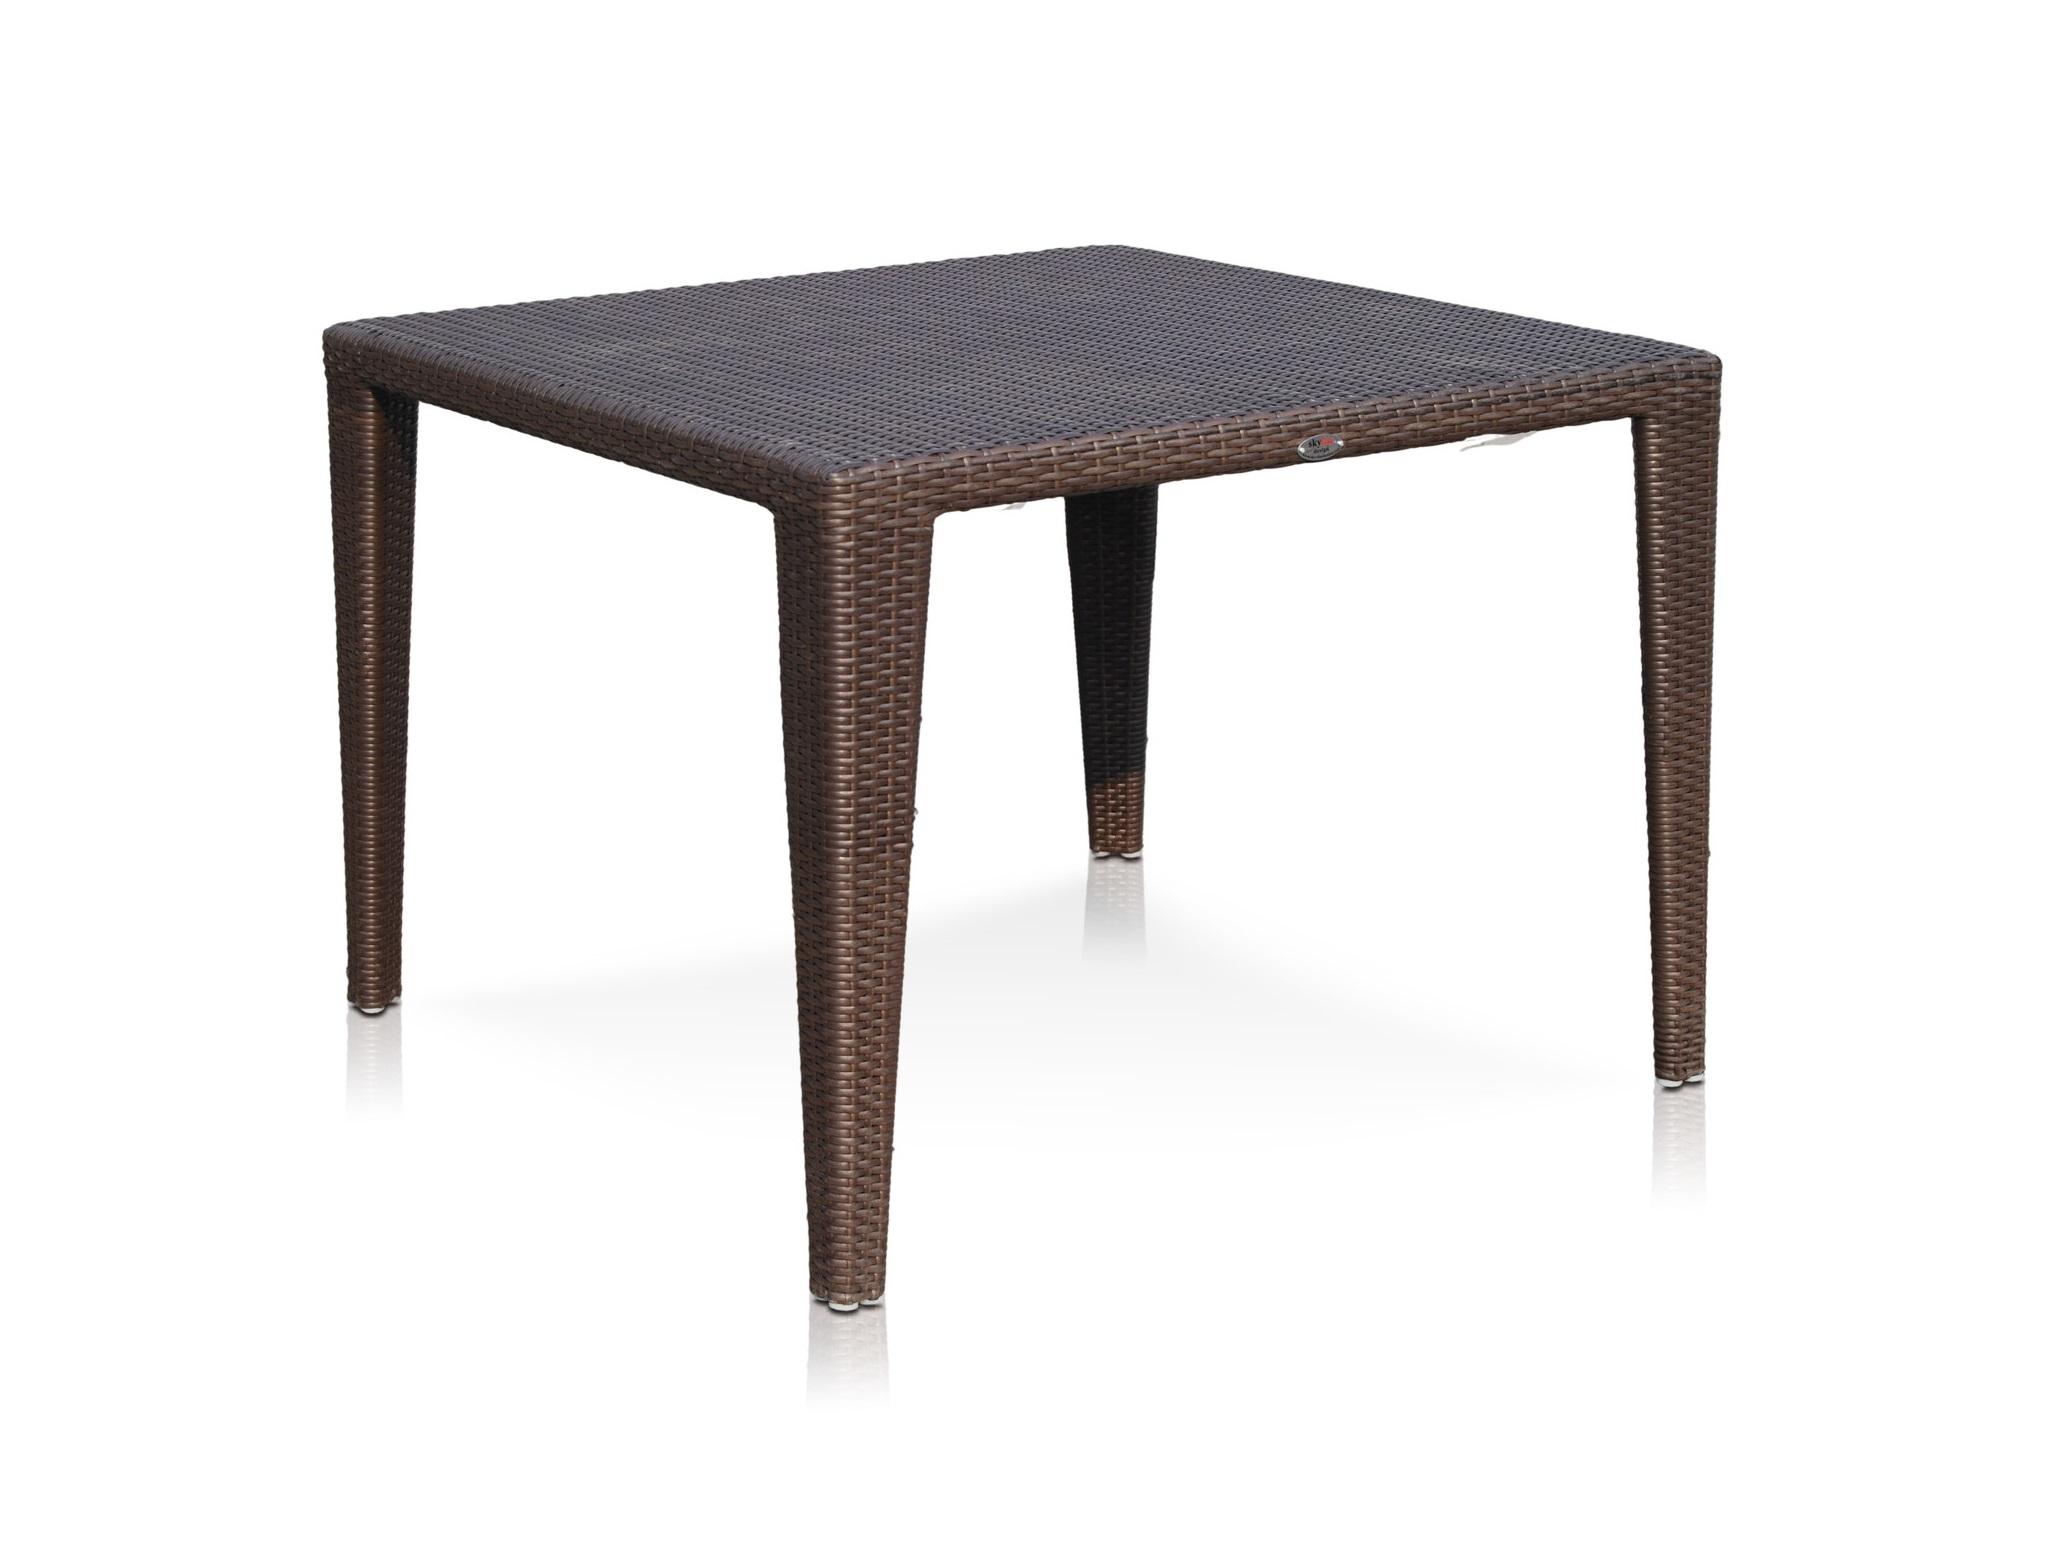 Стол обеденныйСтолы и столики для сада<br><br><br>Material: Искусственный ротанг<br>Ширина см: 100<br>Высота см: 74<br>Глубина см: 100